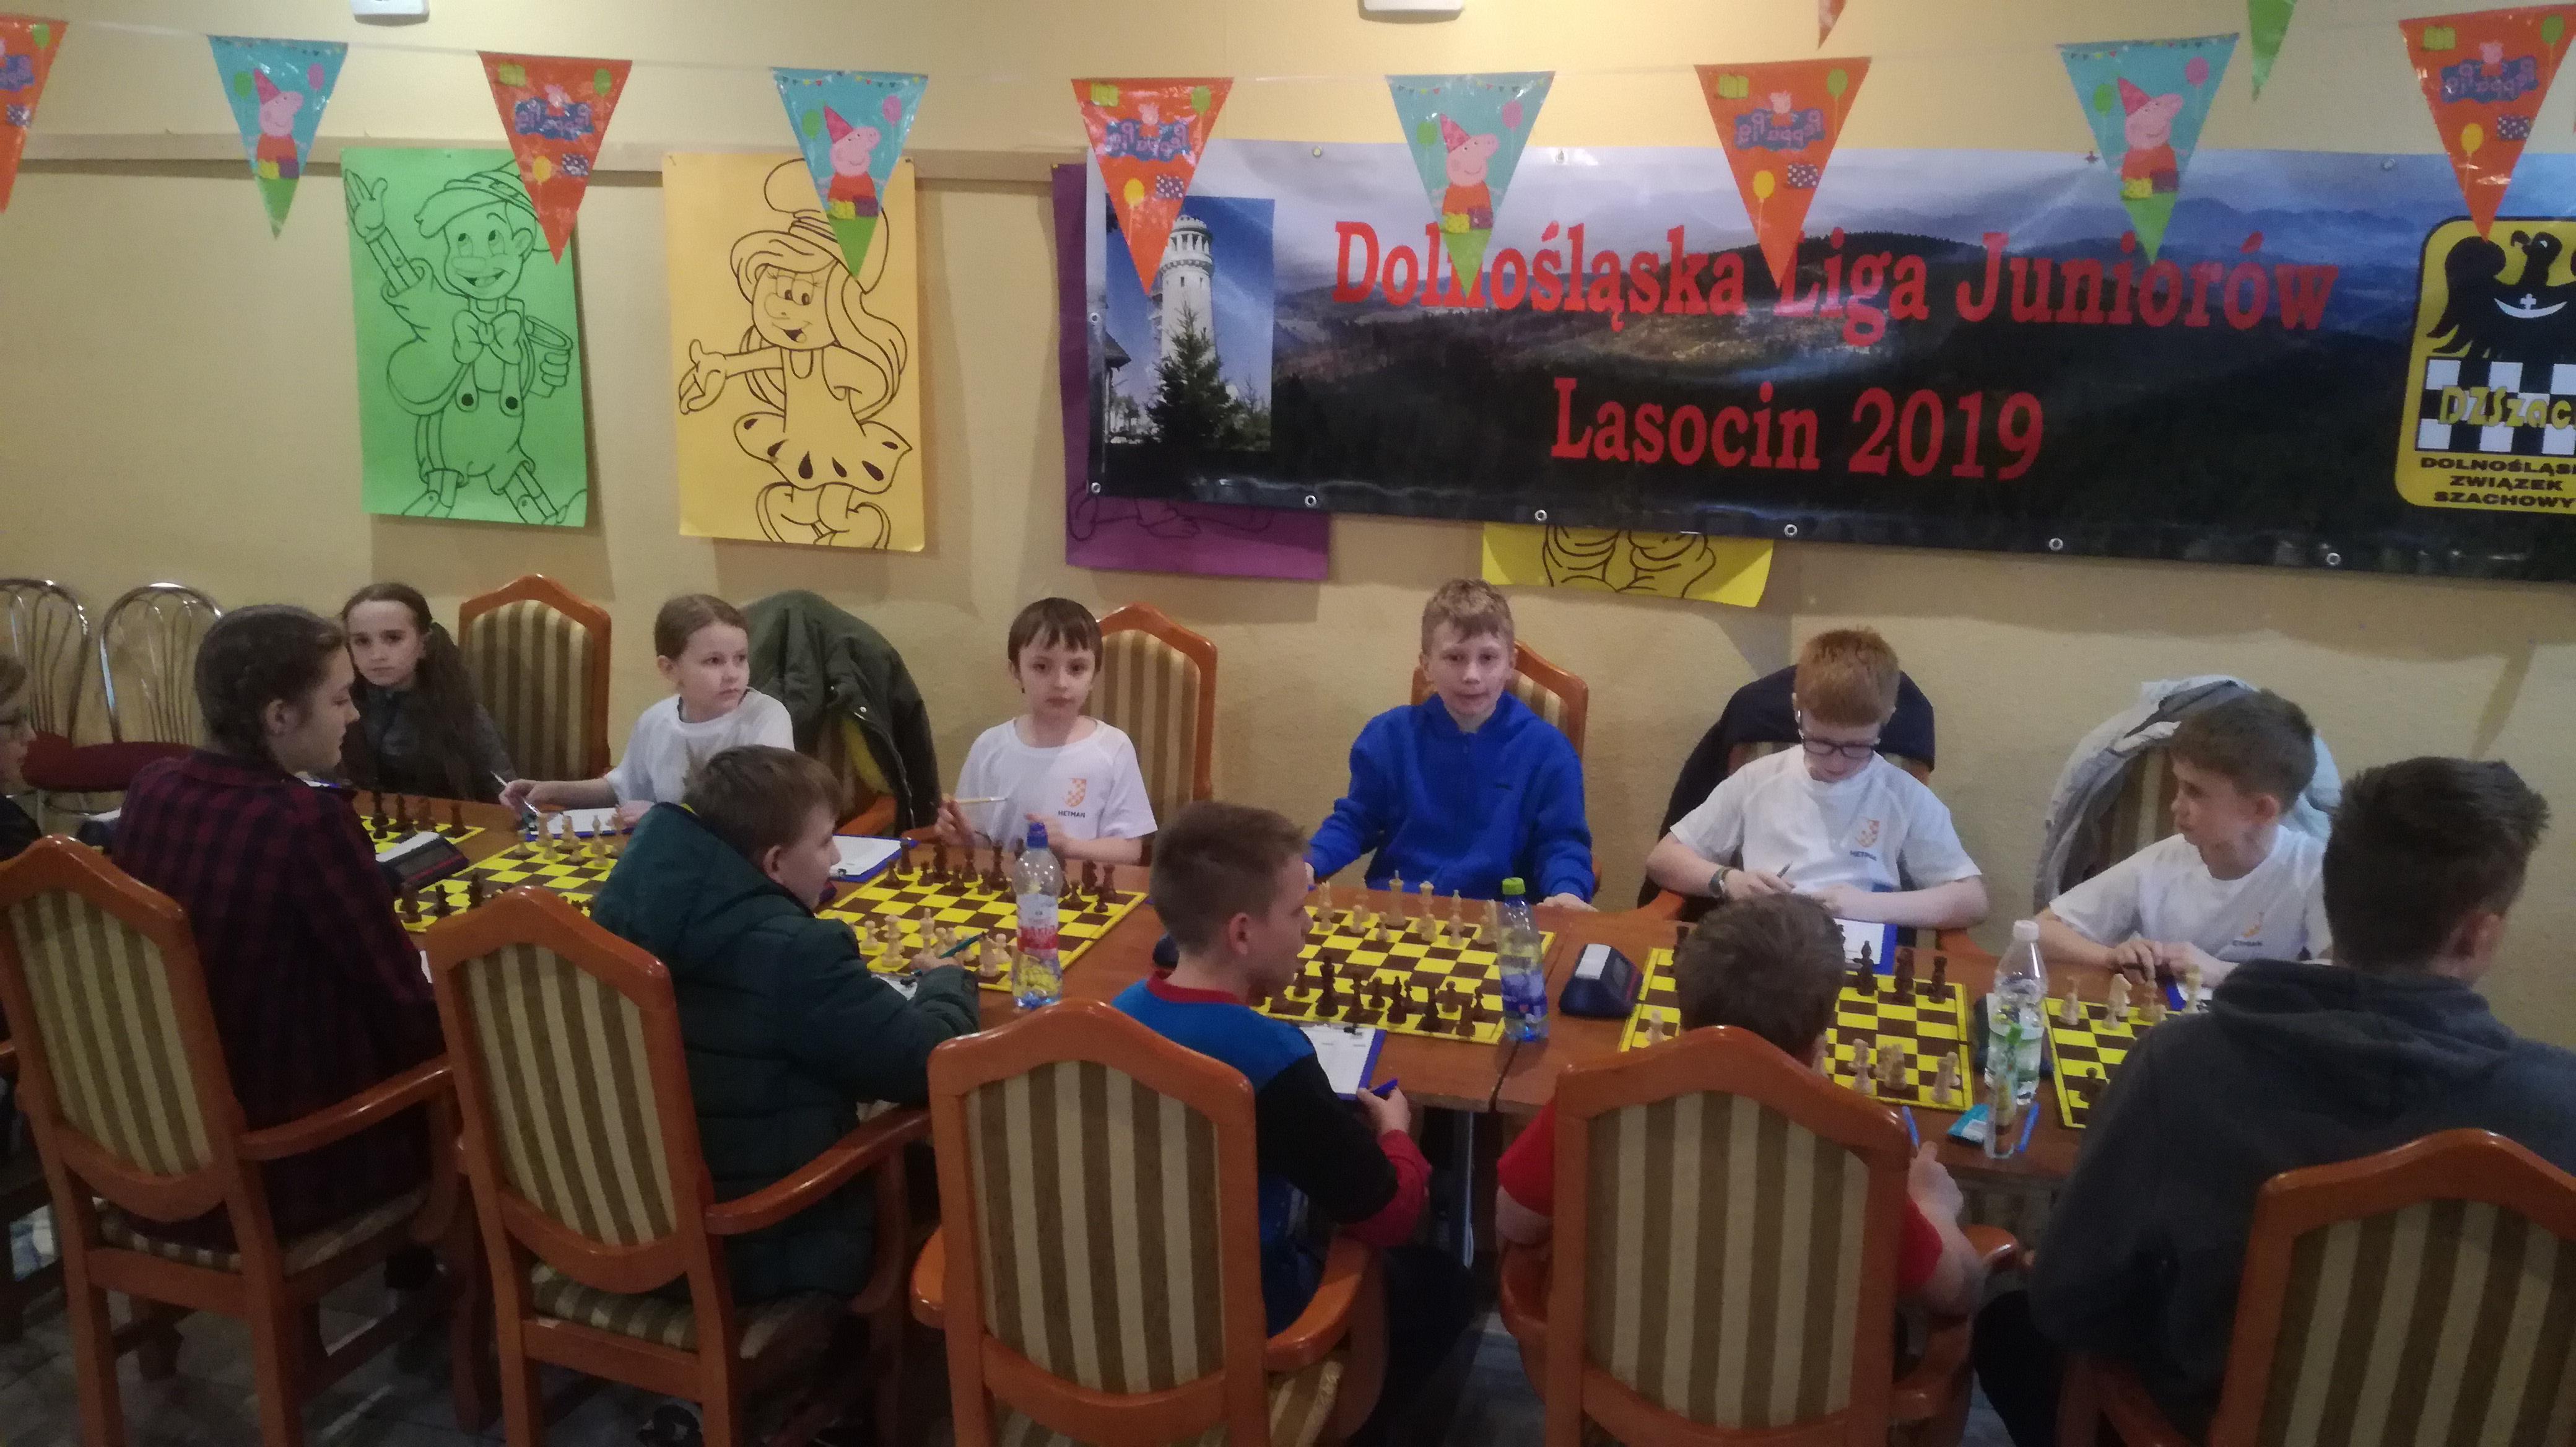 III Dolnośląska Liga Juniorów 2019